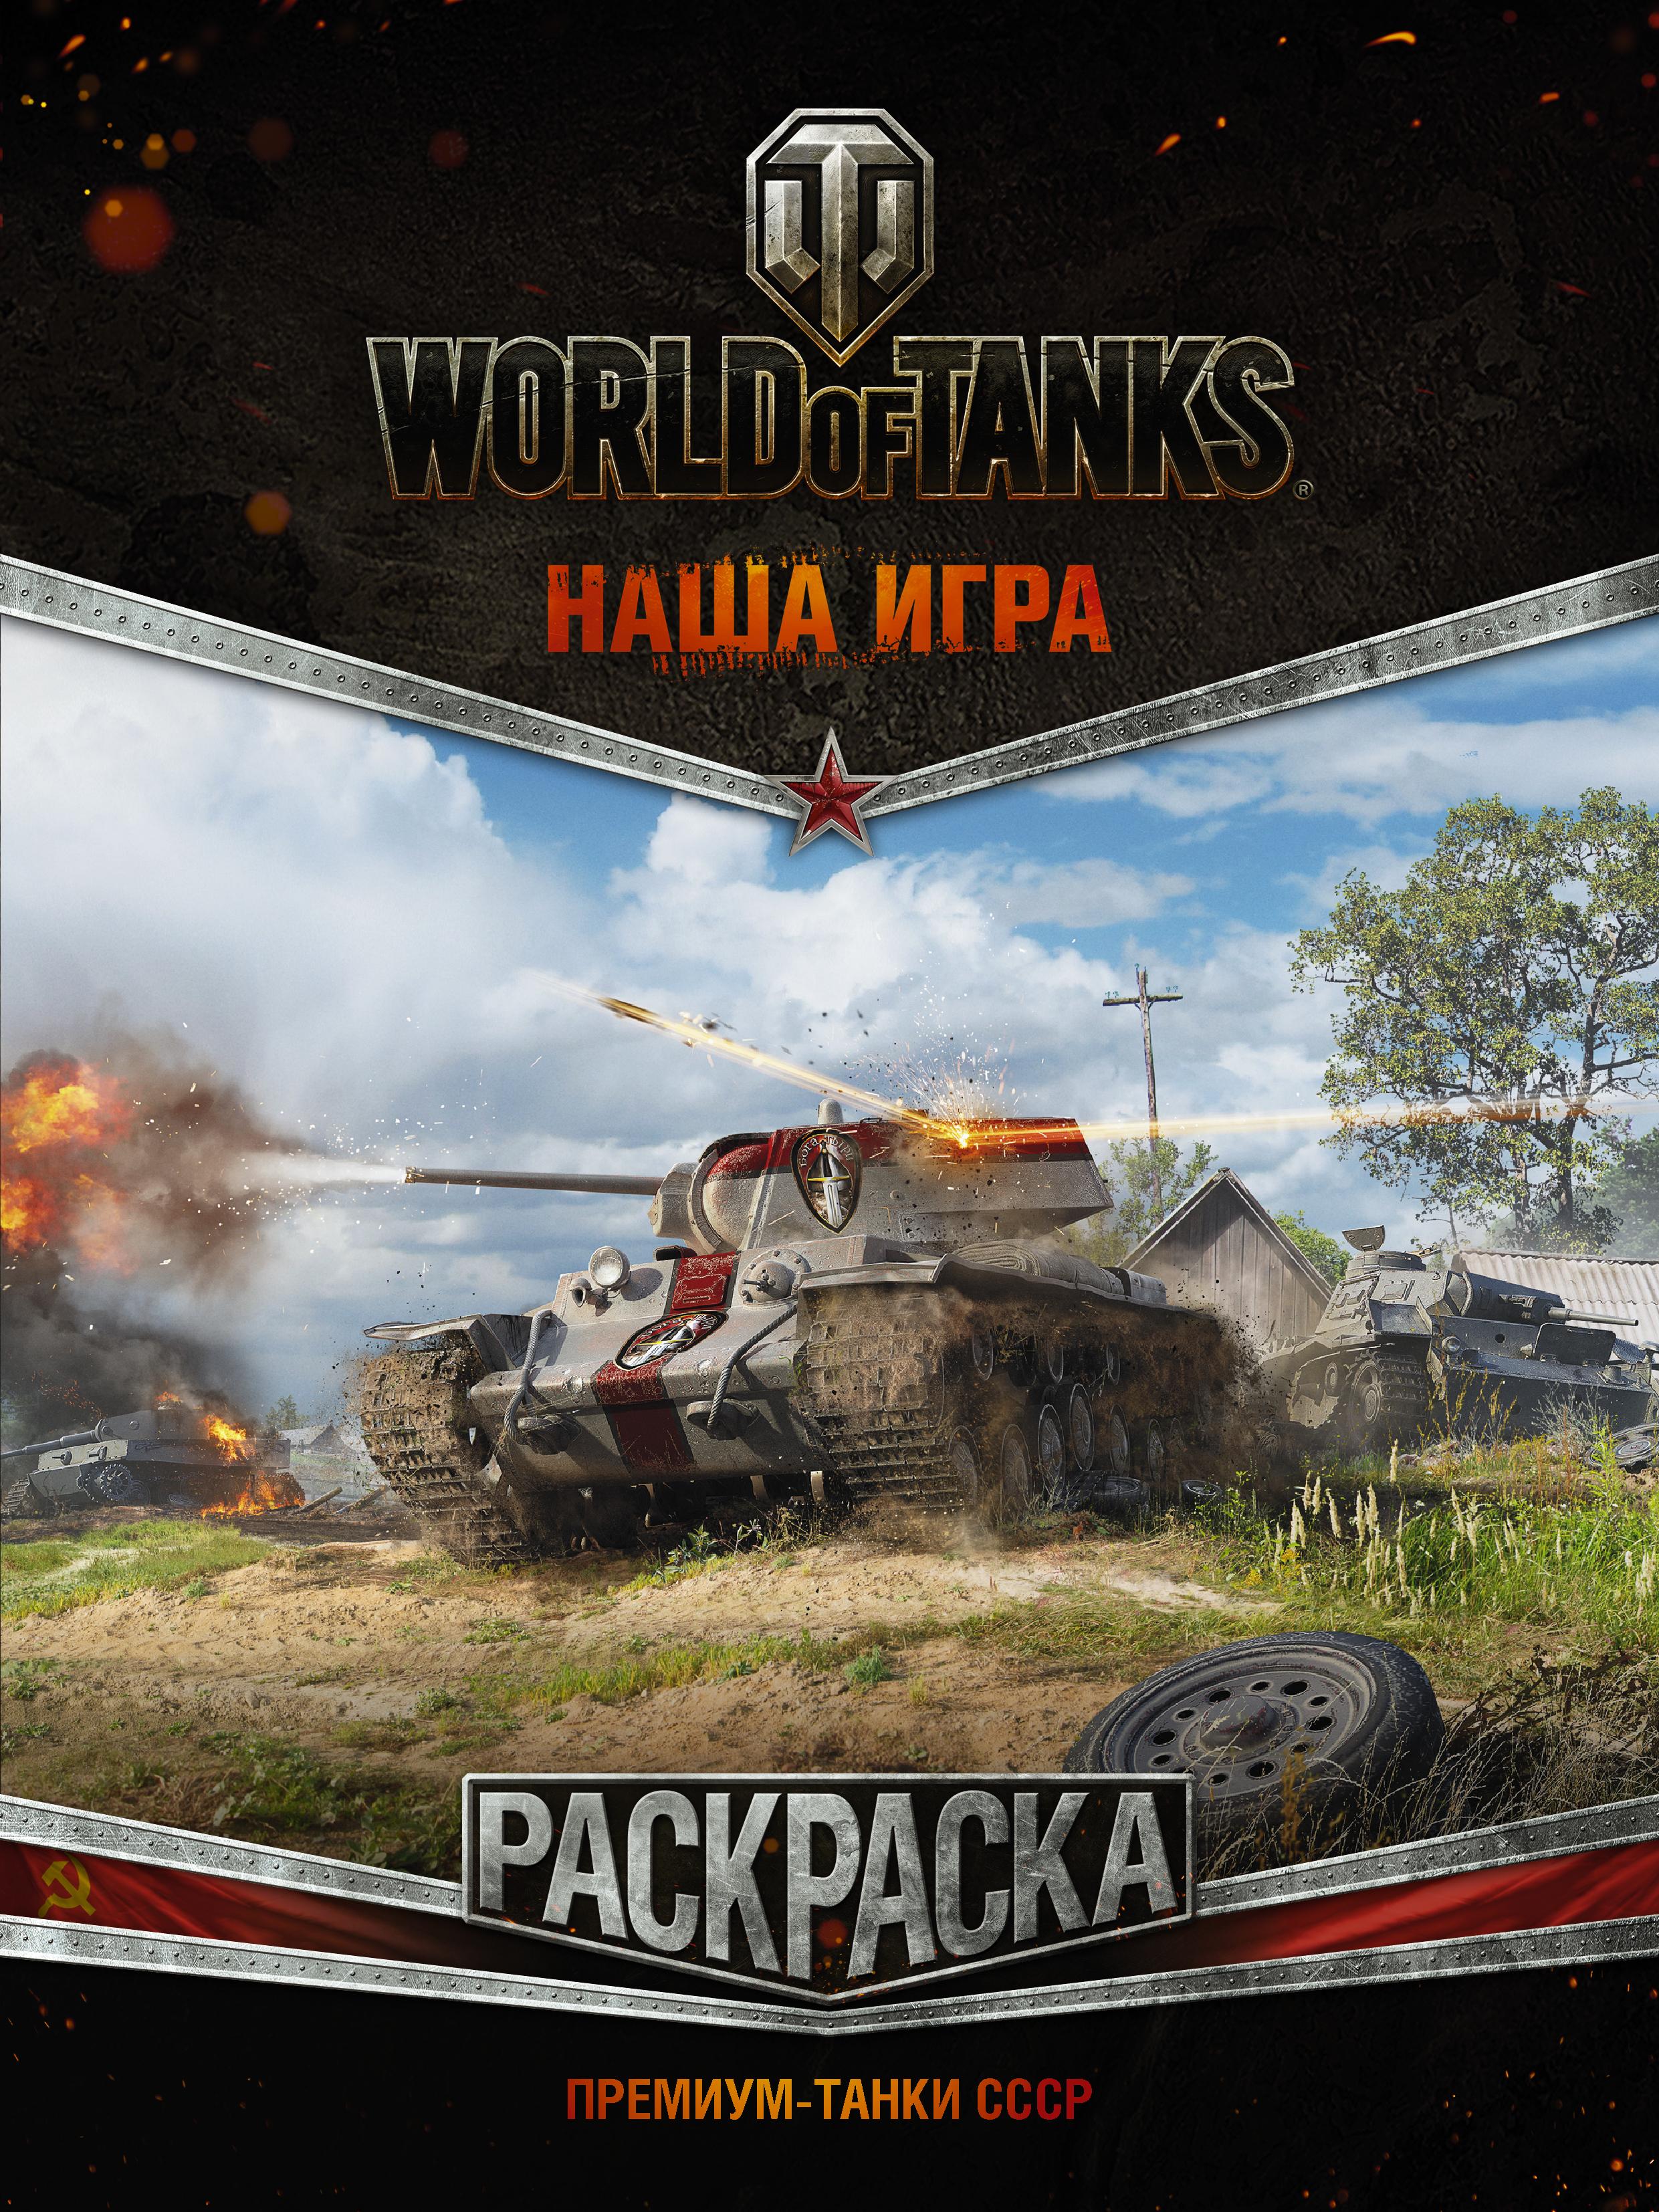 . World of Tanks. Раскраска. Премиум-танки СССР дом для кукол яигрушка маленькая мечта 59831